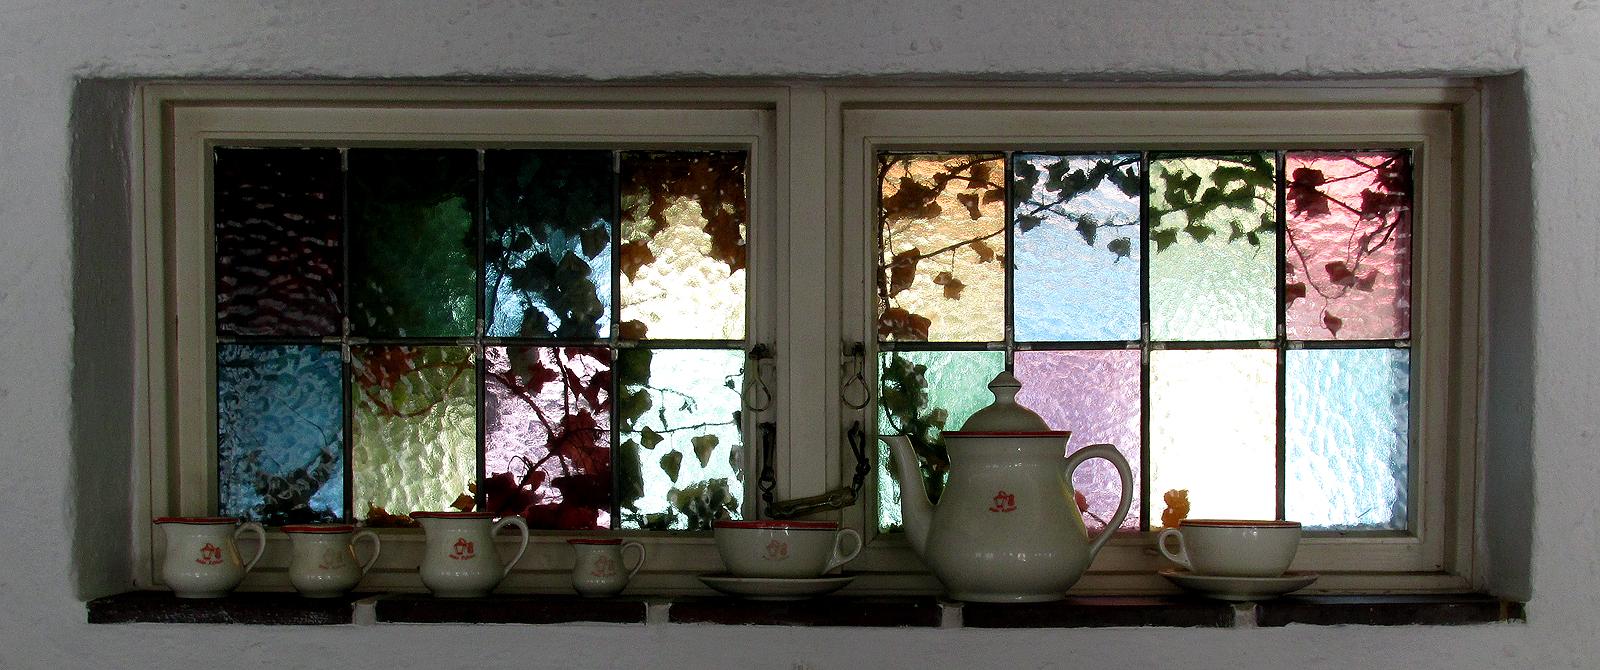 Fönster blyinfattade fönster : Fönster - Wikiwand